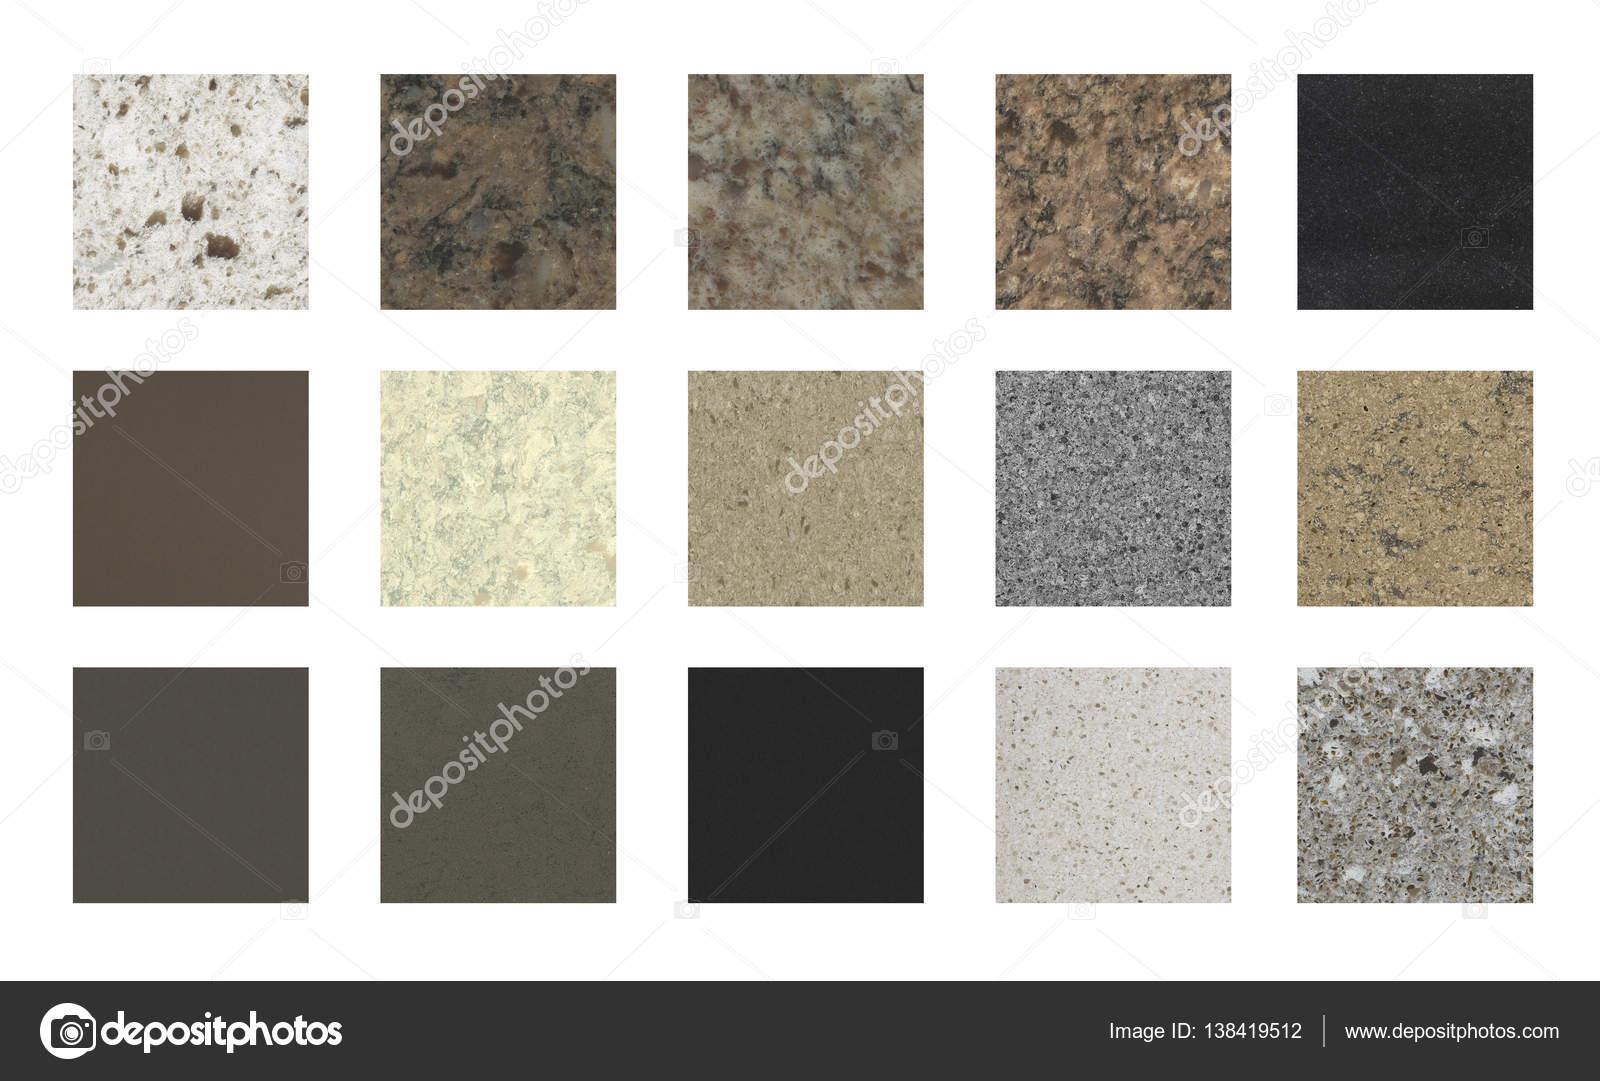 Próbki Kolorów Blaty Kuchenne Zdjęcie Stockowe Studiodin 138419512